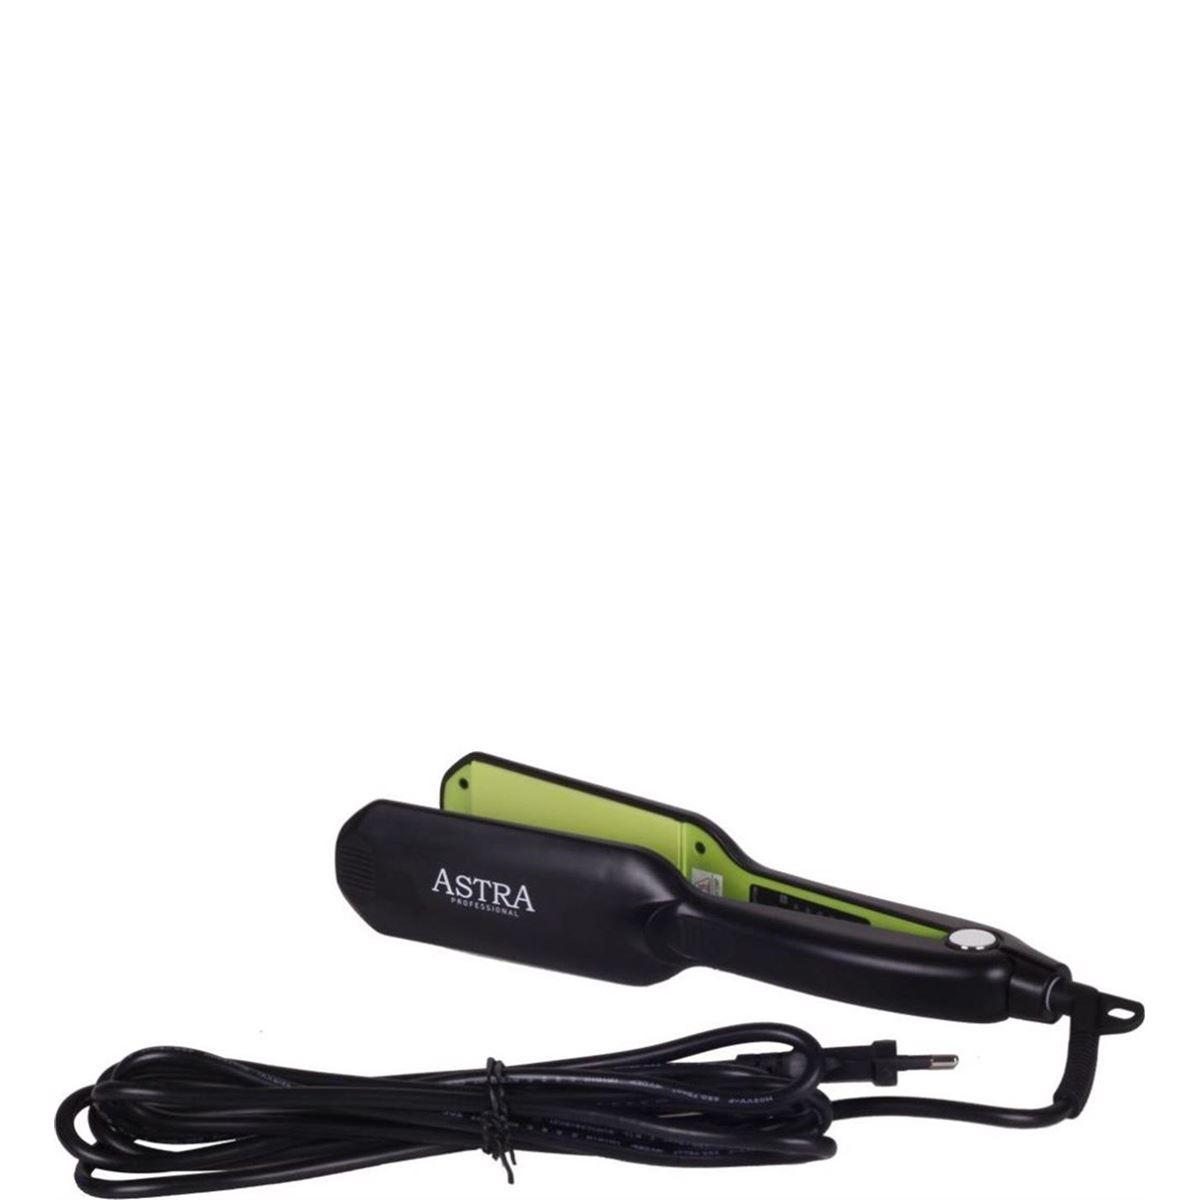 Astra Profesyonel Geniş Plakalı Saç Düzleştirici F308